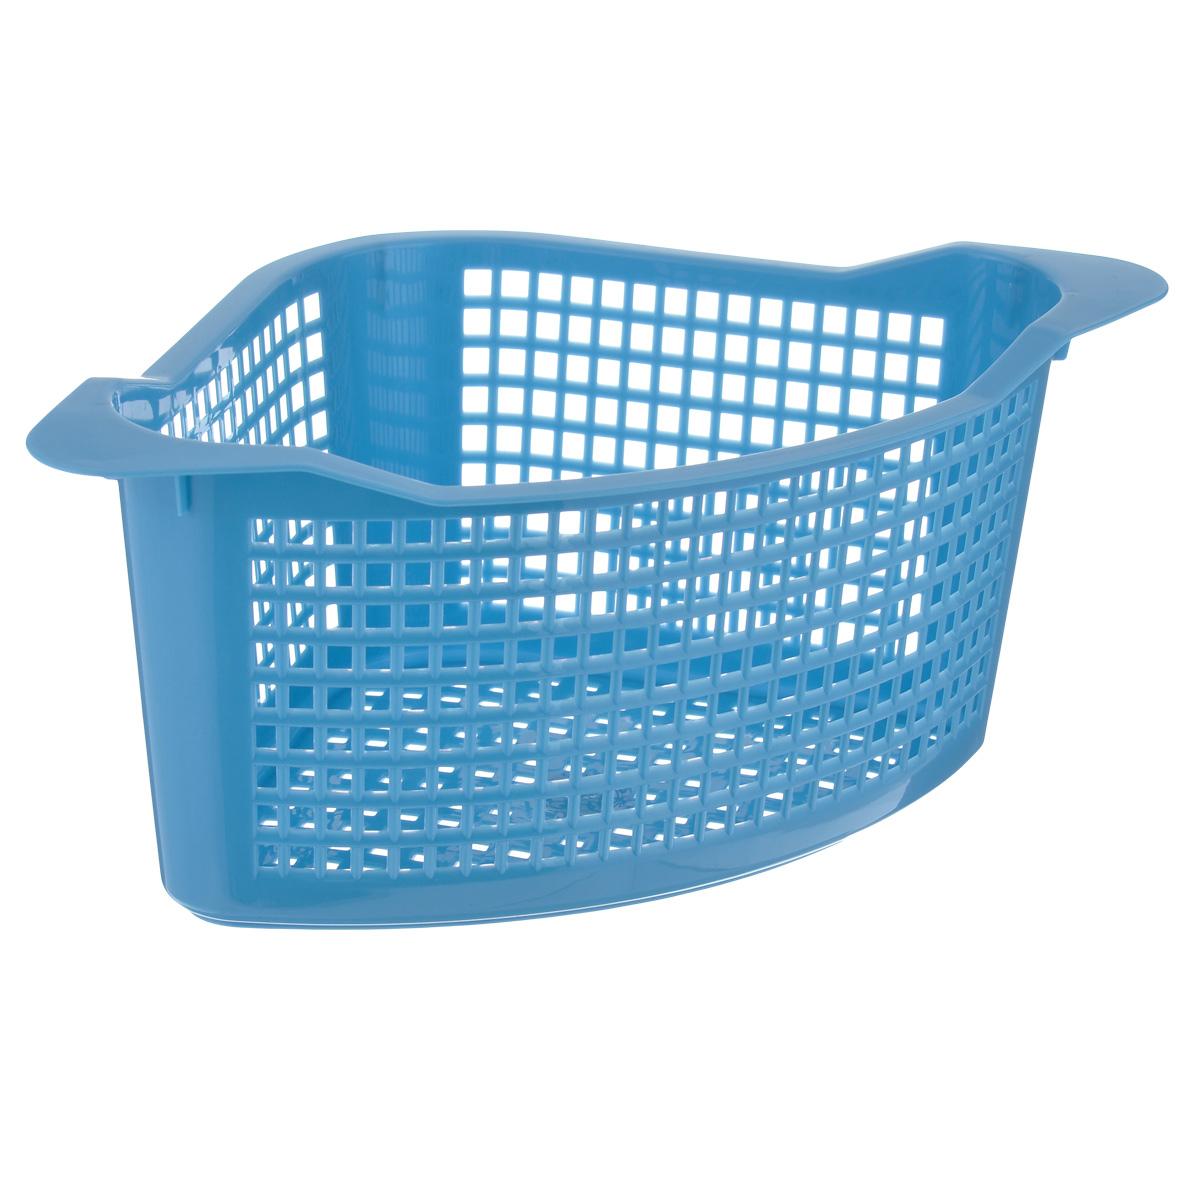 Корзина универсальная Econova, цвет: голубой, 29 см х 18,5 см х 12,5 смС12768Угловая корзина Econova выполнена из пластика и оформлена по всей поверхности перфорацией. Изделие имеет жесткую кромку. Корзина предназначена для хранения мелочей в ванной, на кухне, на даче или в гараже. Позволяет хранить мелкие вещи, исключая возможность их потери.